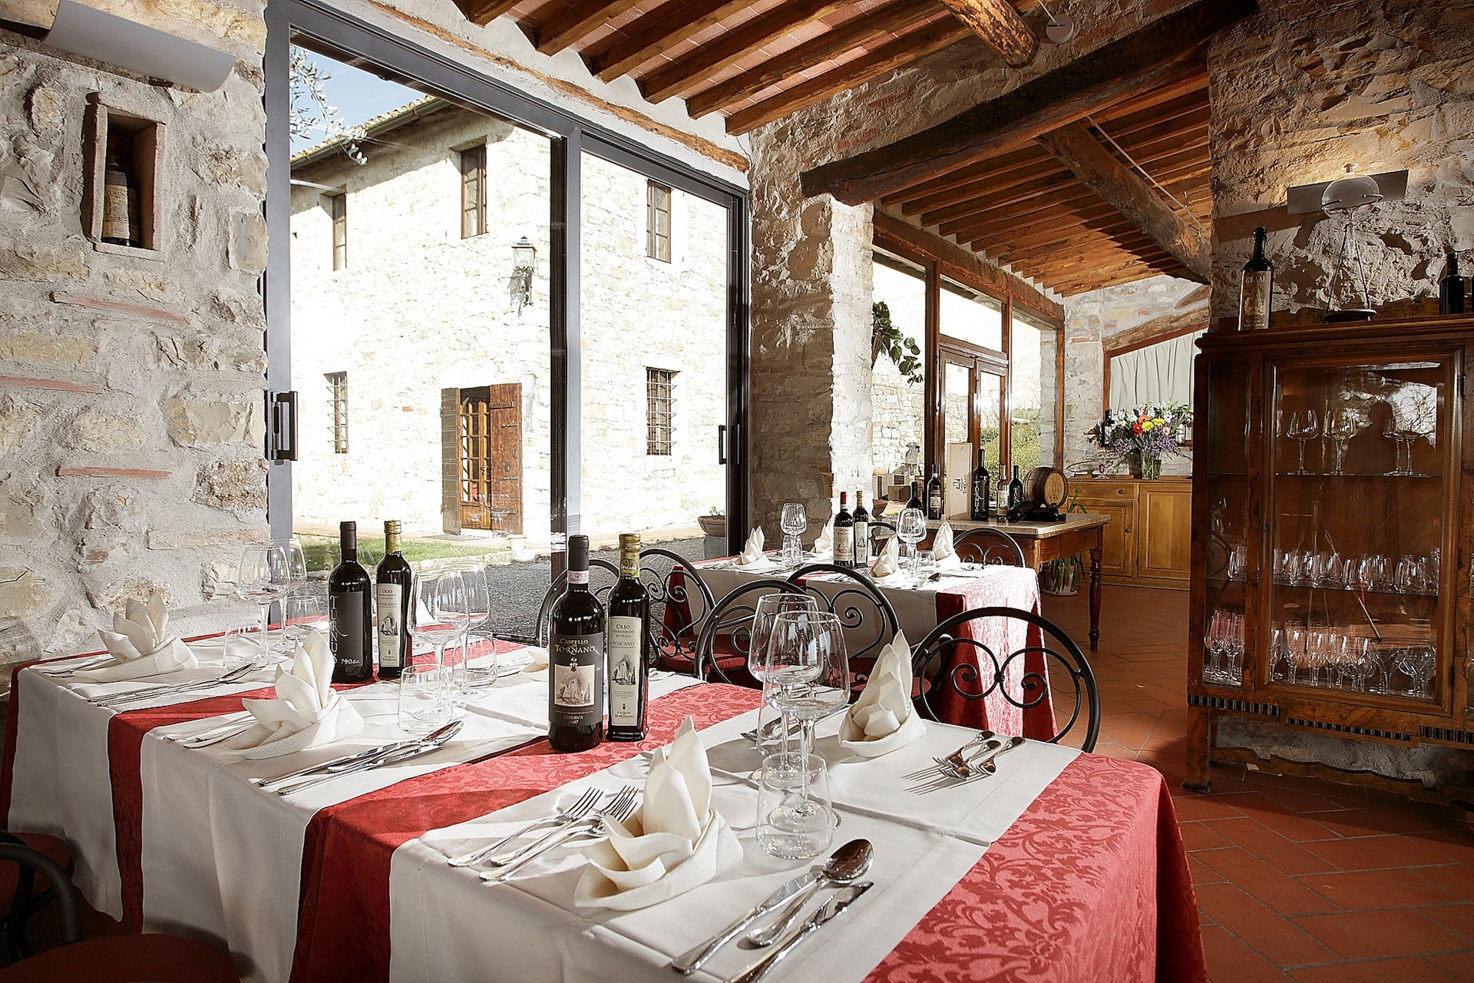 Restaurant at Castello di Tornano